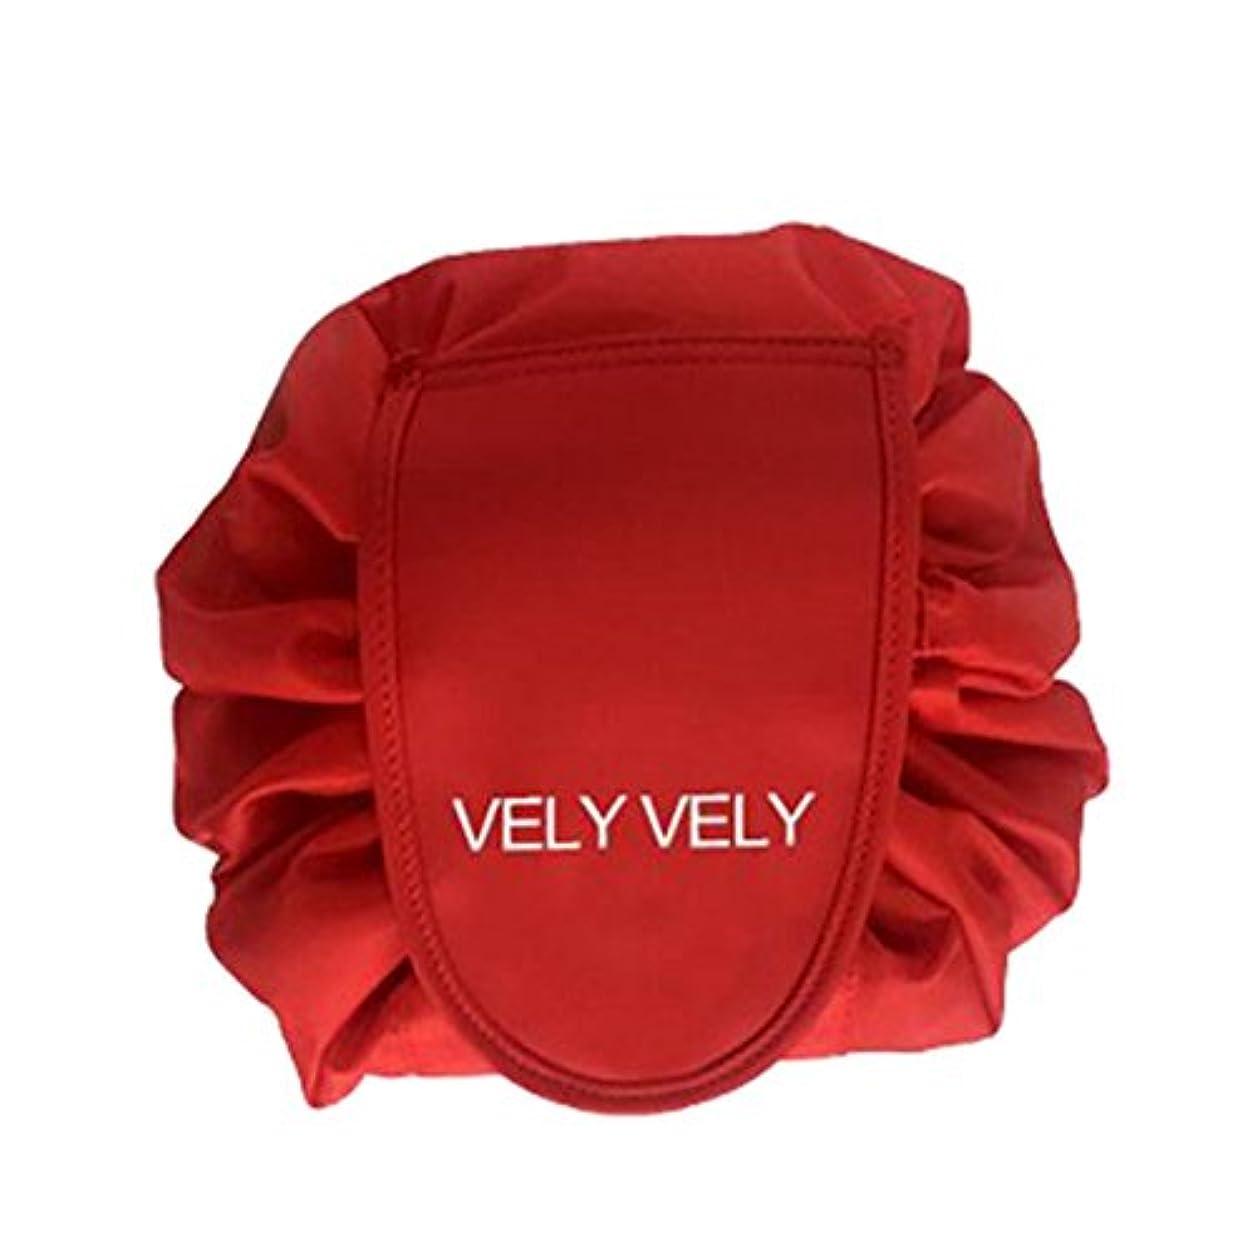 襟原始的な言うSmartRICH 化粧品収納バッグ,折畳式 巾着型 収納携帯用 便利 防水的 旅行 容量大きい 可愛い 化粧バッグ 化粧ポーチ (赤)